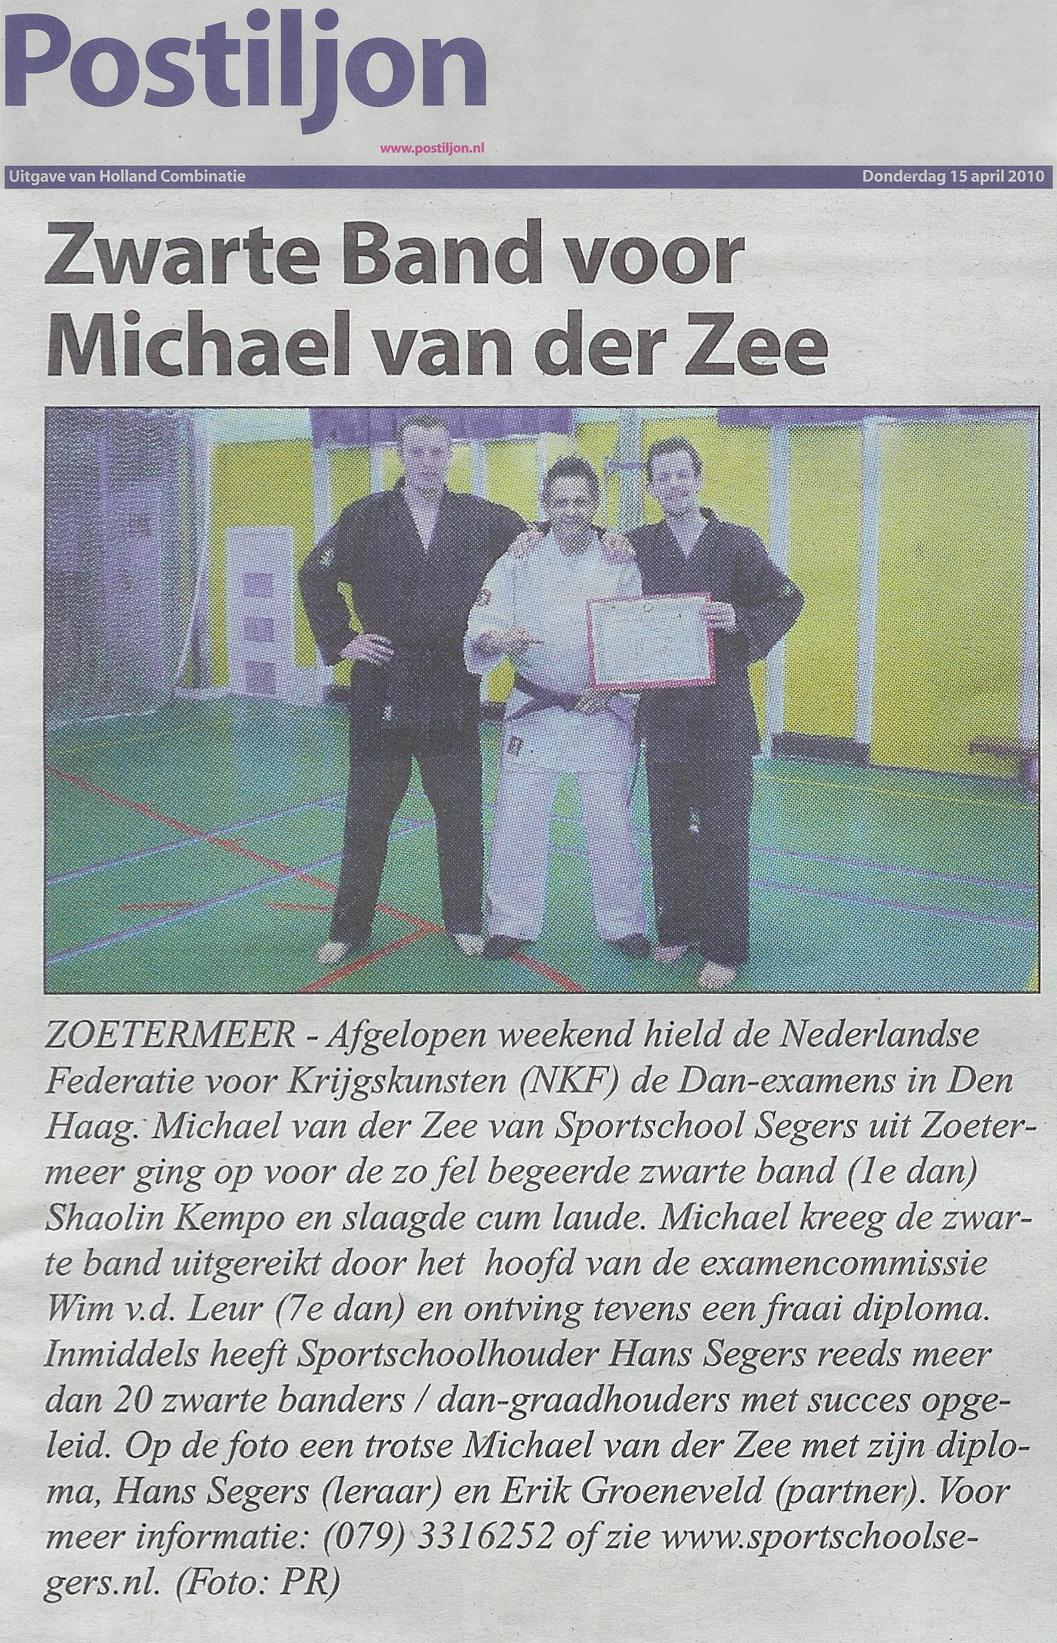 2010-04-15-de-postiljon-zwarte-band-voor-michael-van-der-zee.jpg